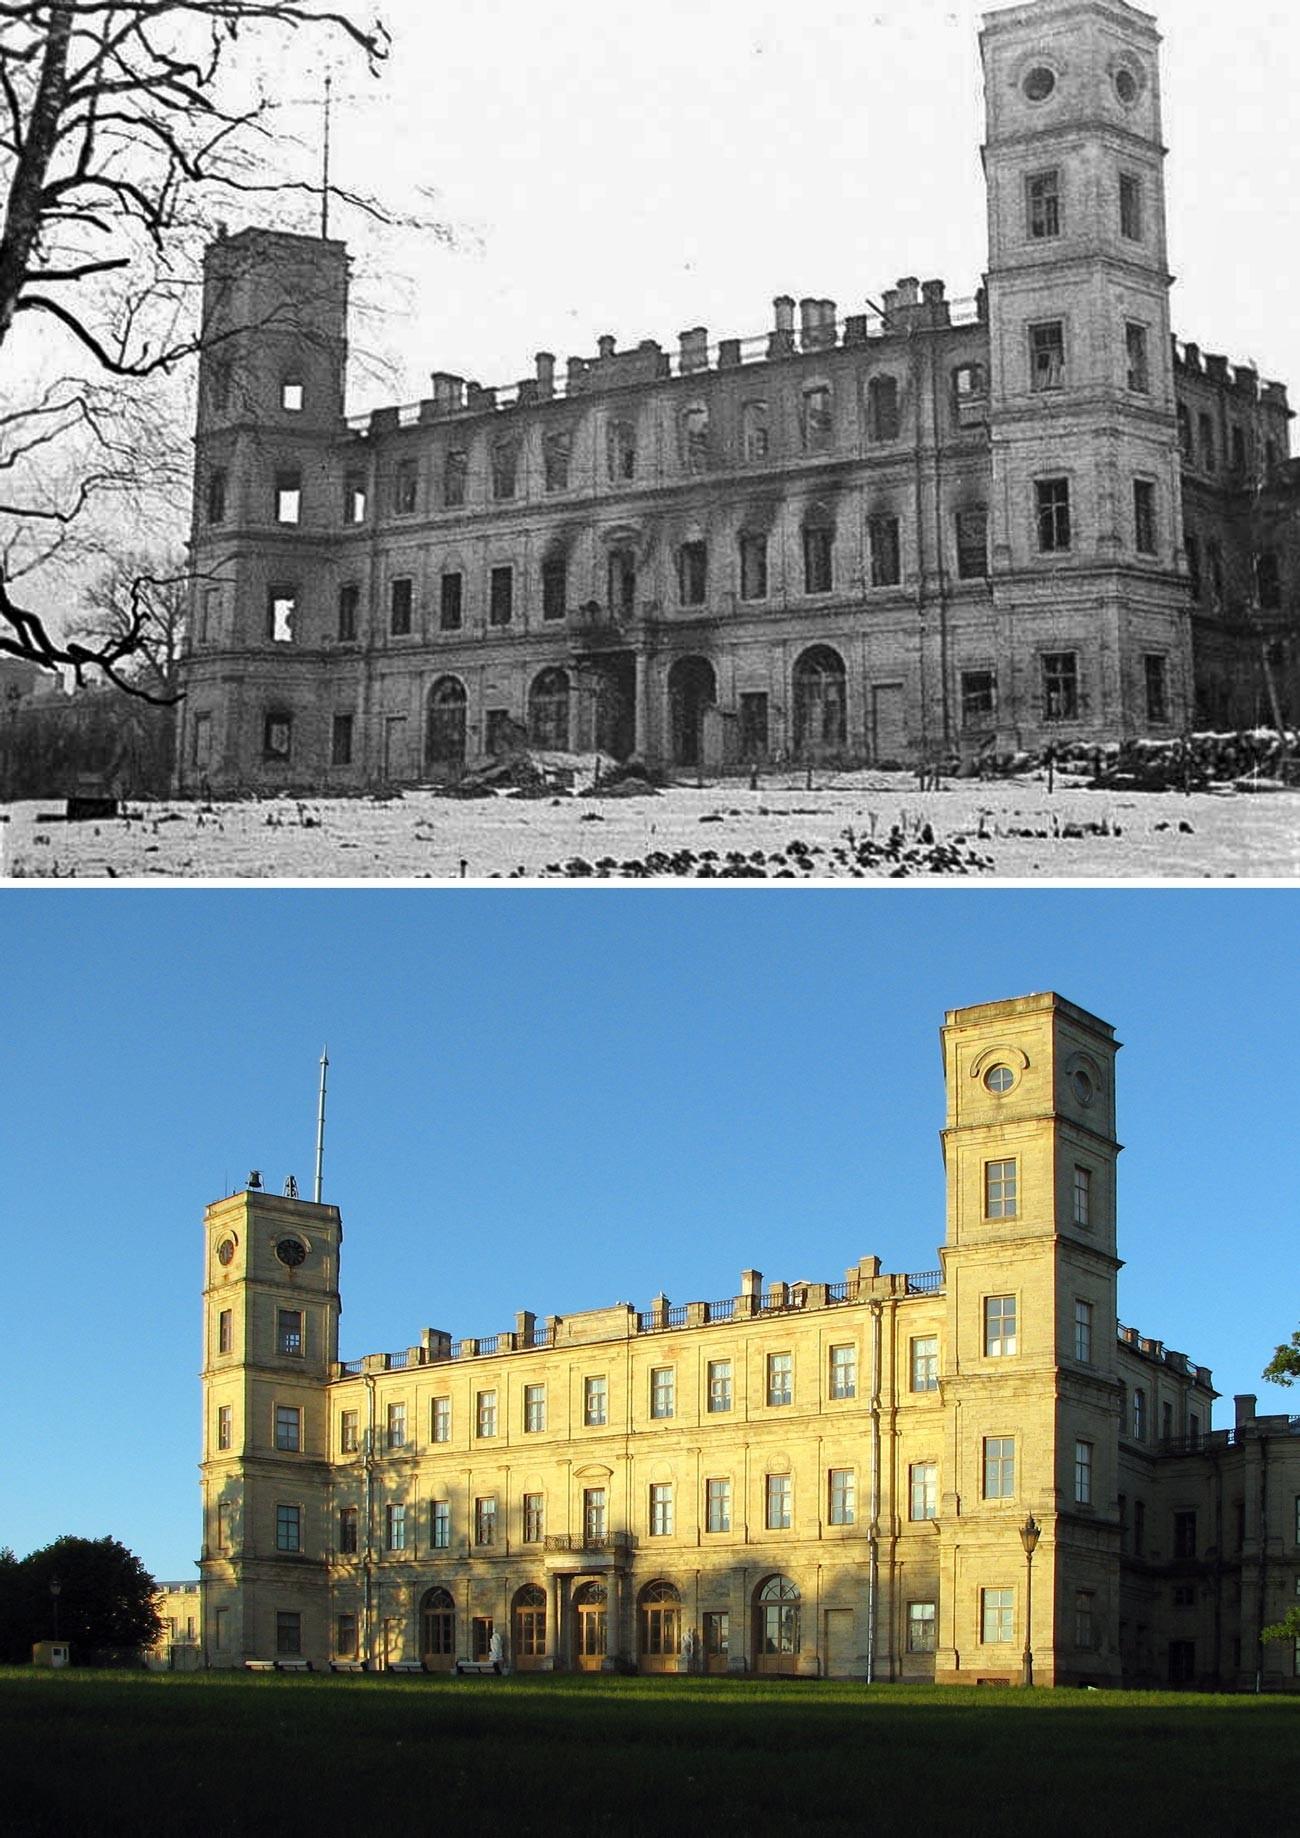 Fasad utara istana pada 1944 dan sekarang.